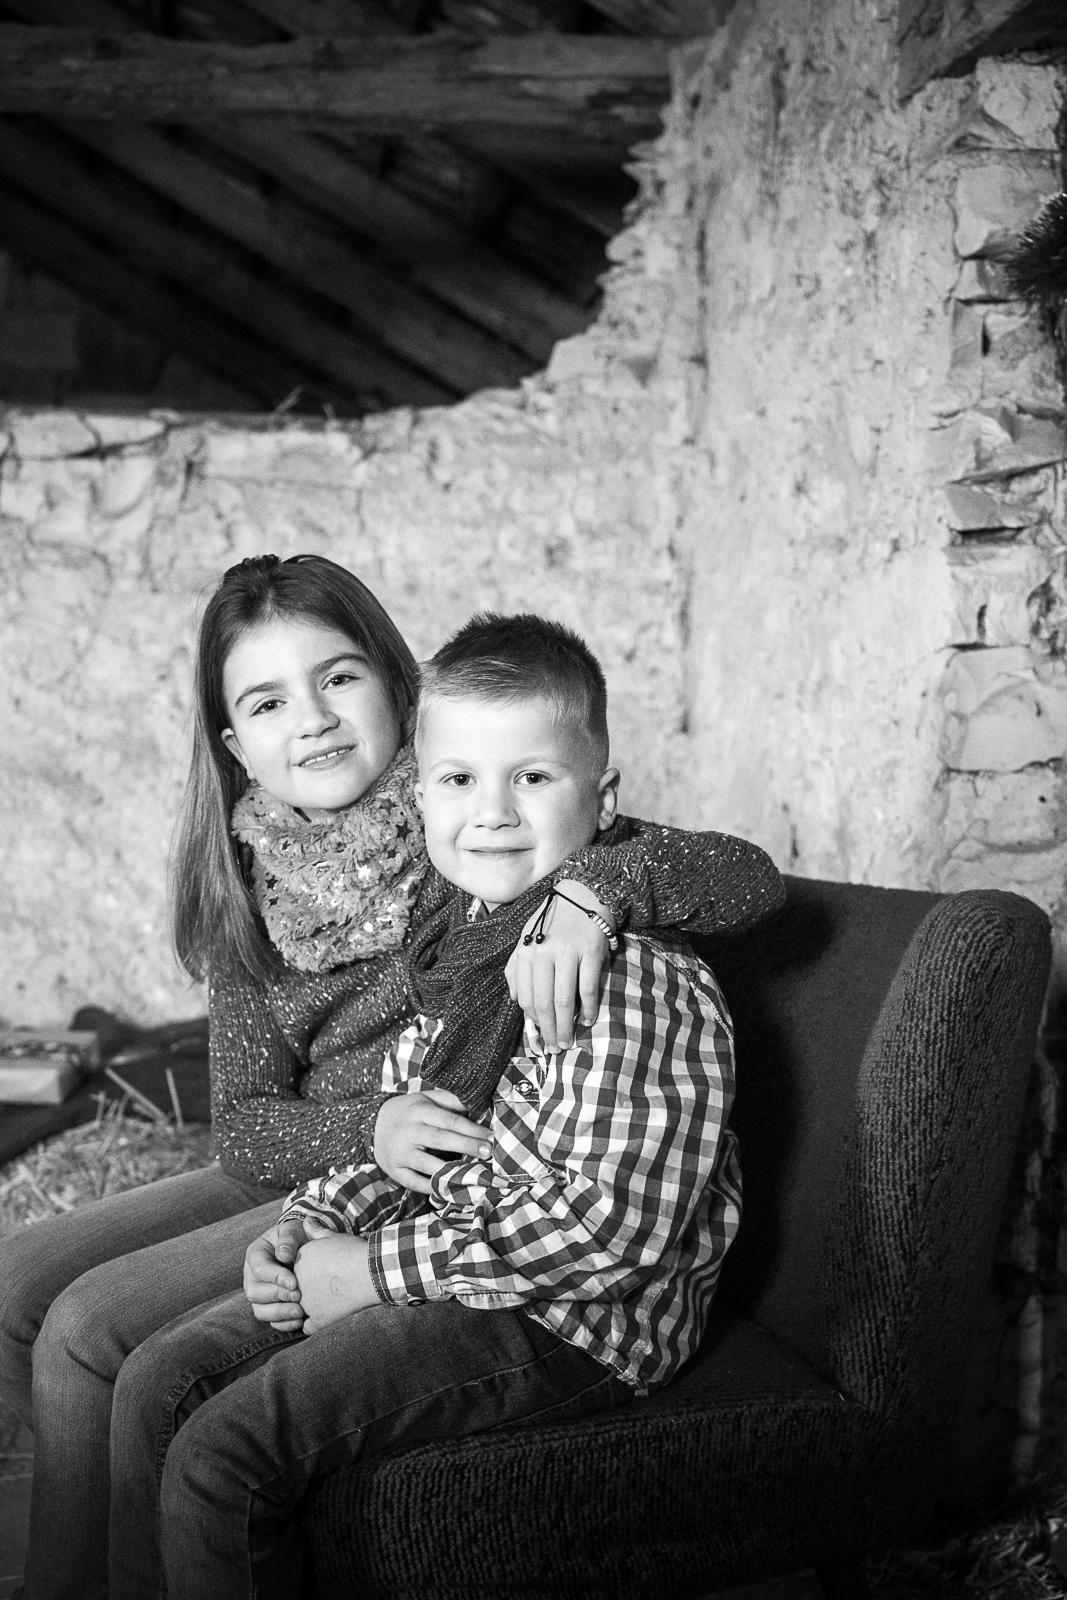 Stodl Weihnachtsaufnahmen – Kerstin Jakobs